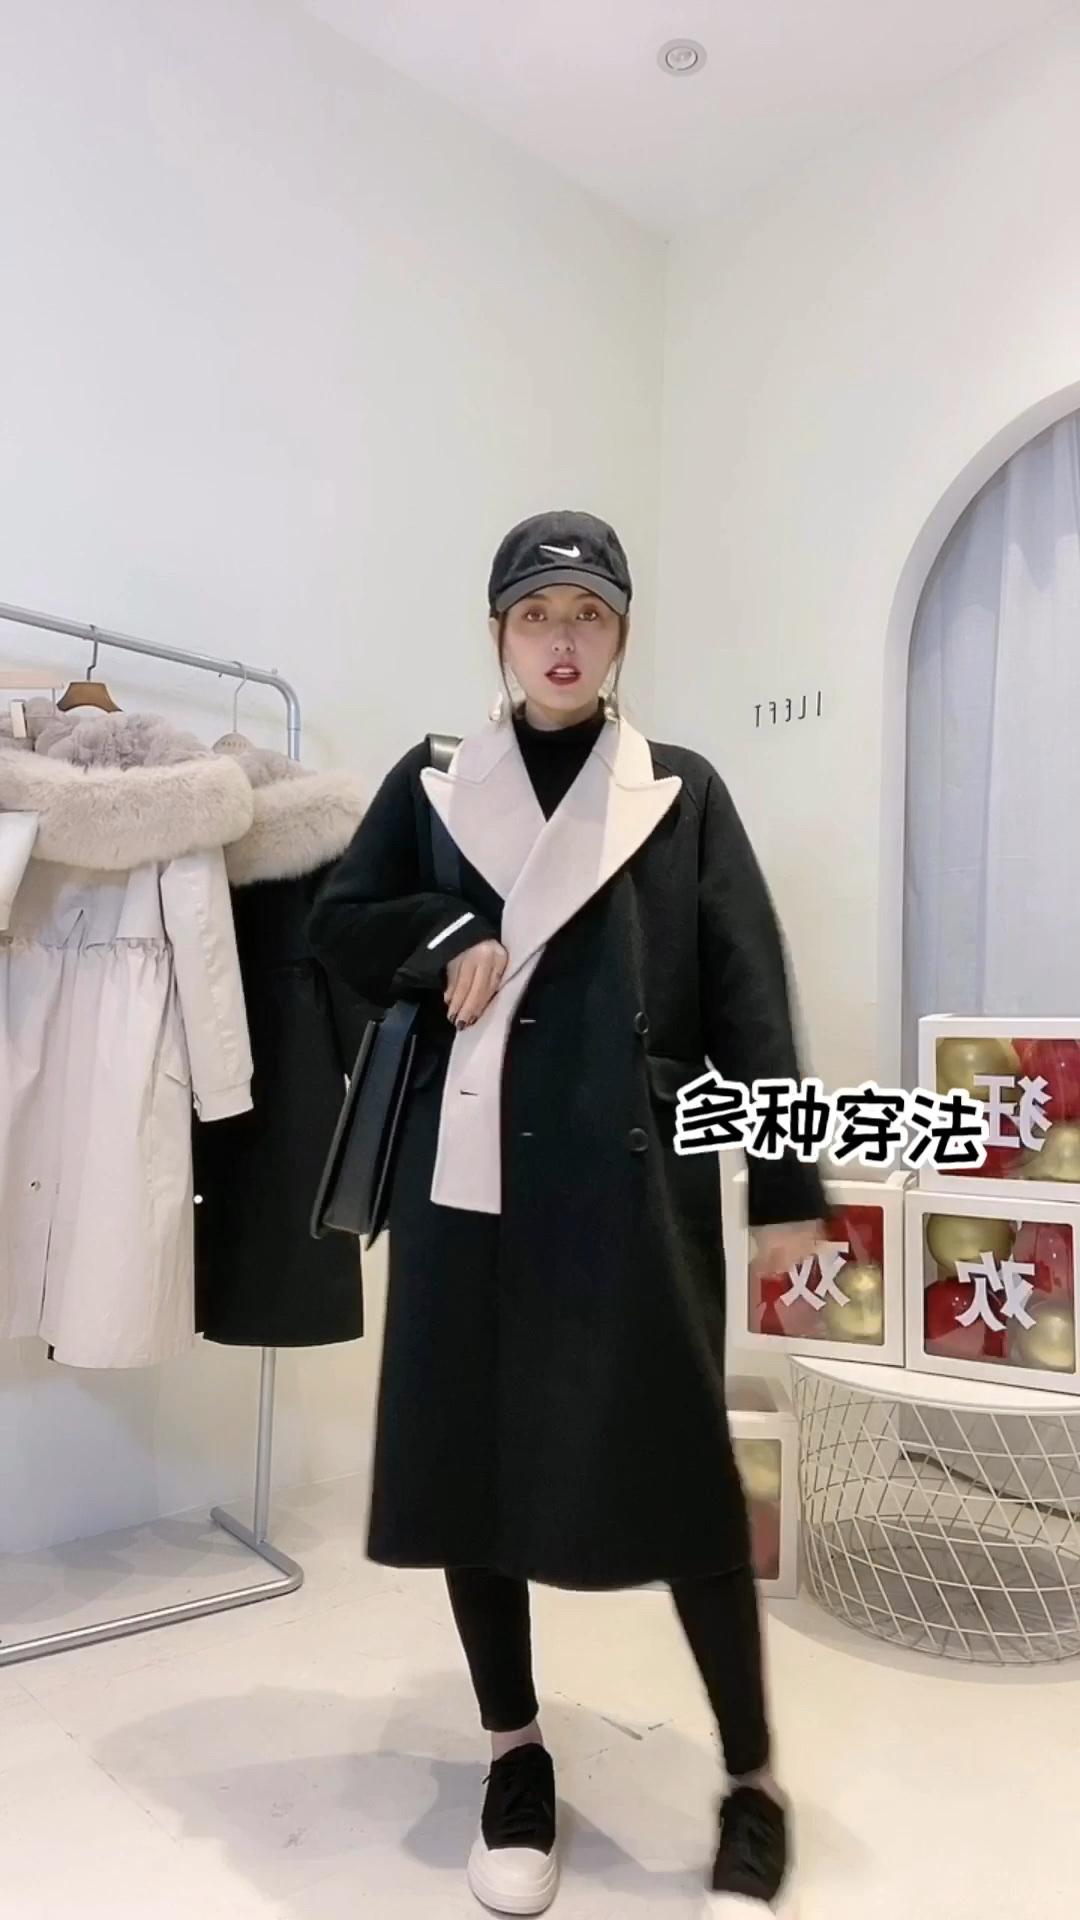 #双11,吃土少女也买得起的大衣!#  冬天的大衣一定要有质感… 这个呢100%的纯羊毛的双面羊绒大衣,假两件套拼接式的不仅很有设计感也是穿很多年都不会过时的… 面料软软的非常有质感,纯手工制造,双十一价格上你们也不用怕贵,活动下来还是非常划算的😎评论区抽奖!